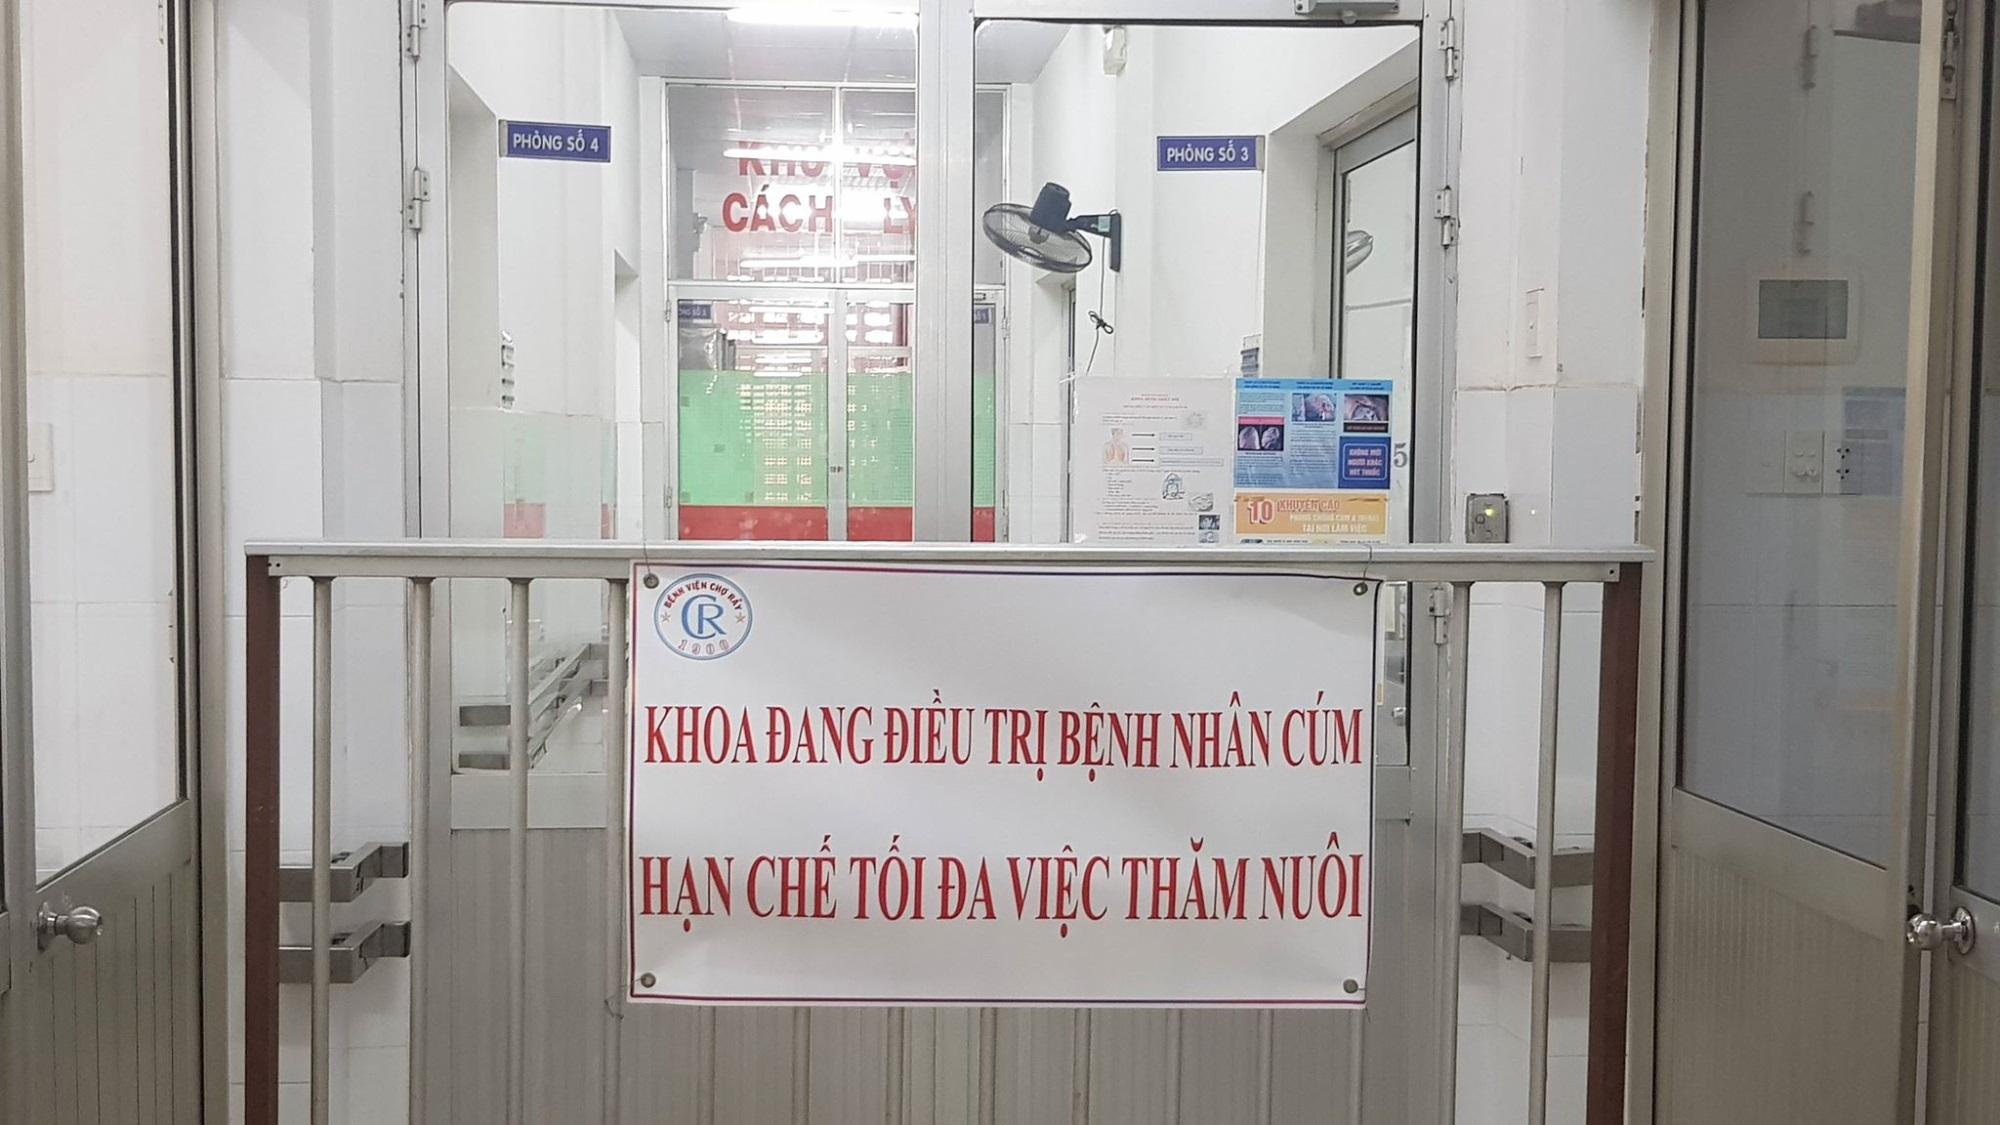 Khống chế thành công chùm cúm A/H1N1 ở bệnh viện Chợ Rẫy  - Ảnh 1